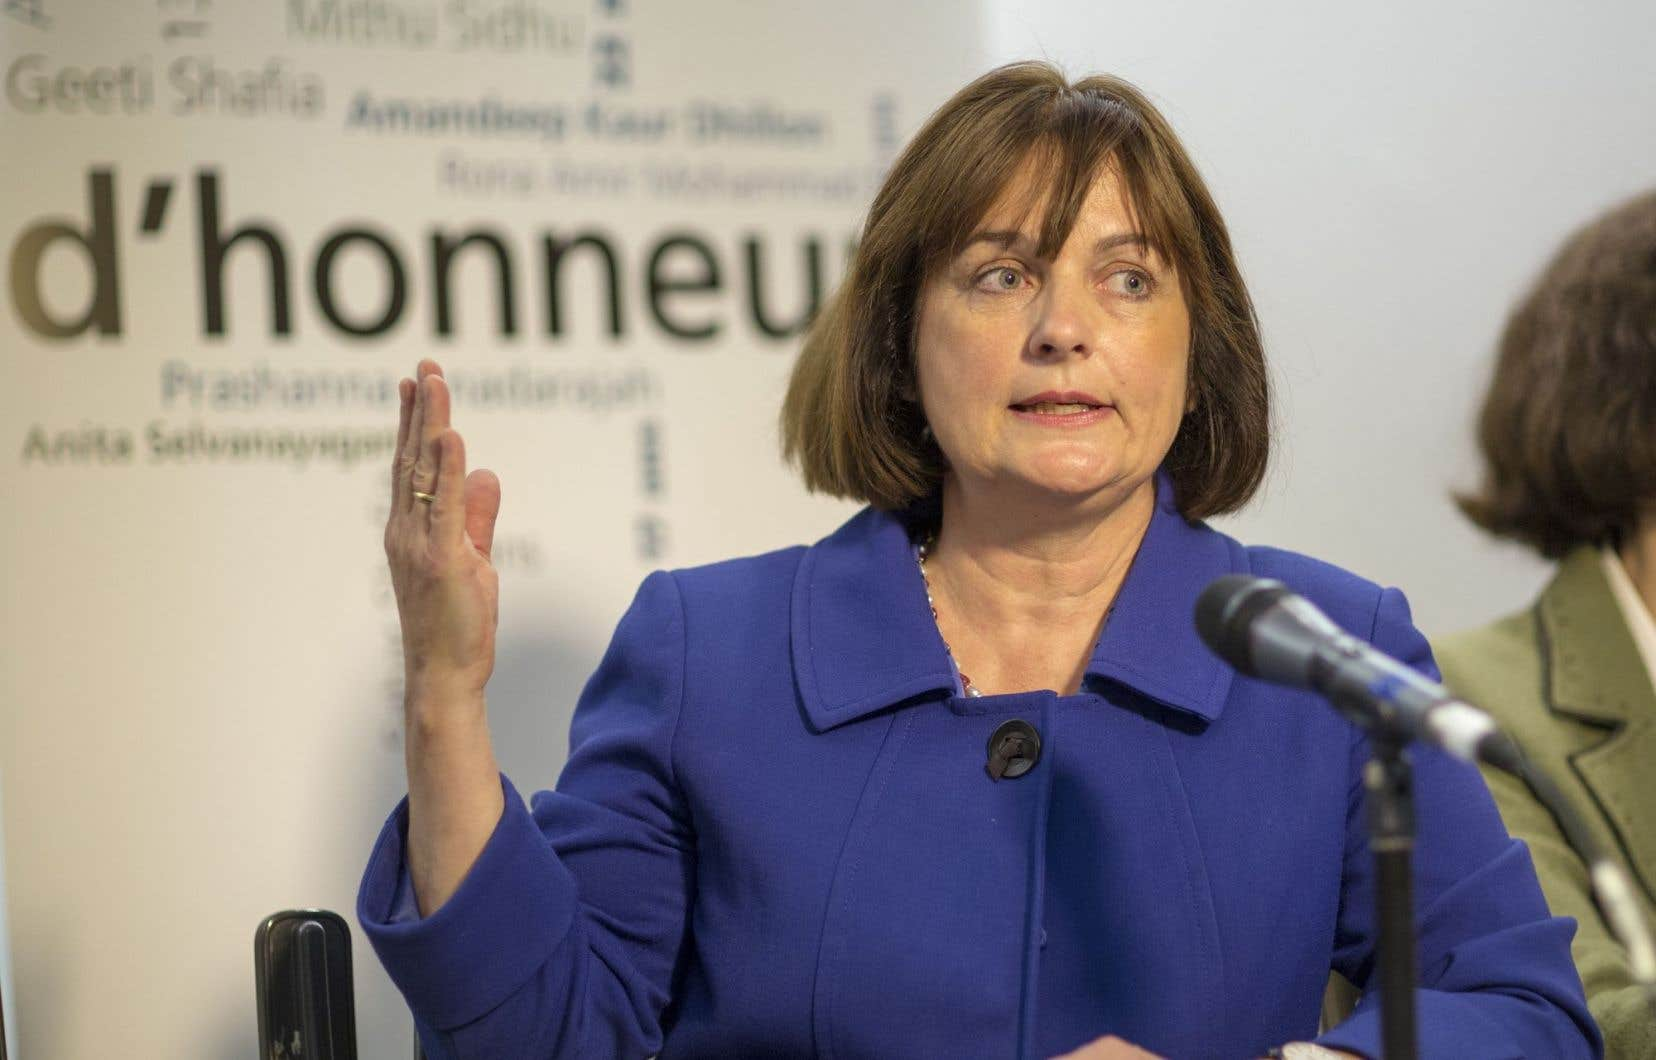 <p><em>«</em><em>Il y a longtemps que les femmes ont détenu si peu d'influence au sein d'un gouvernement québécois</em><em>»</em>, déplore Julie Miville-Dechêne.</p>